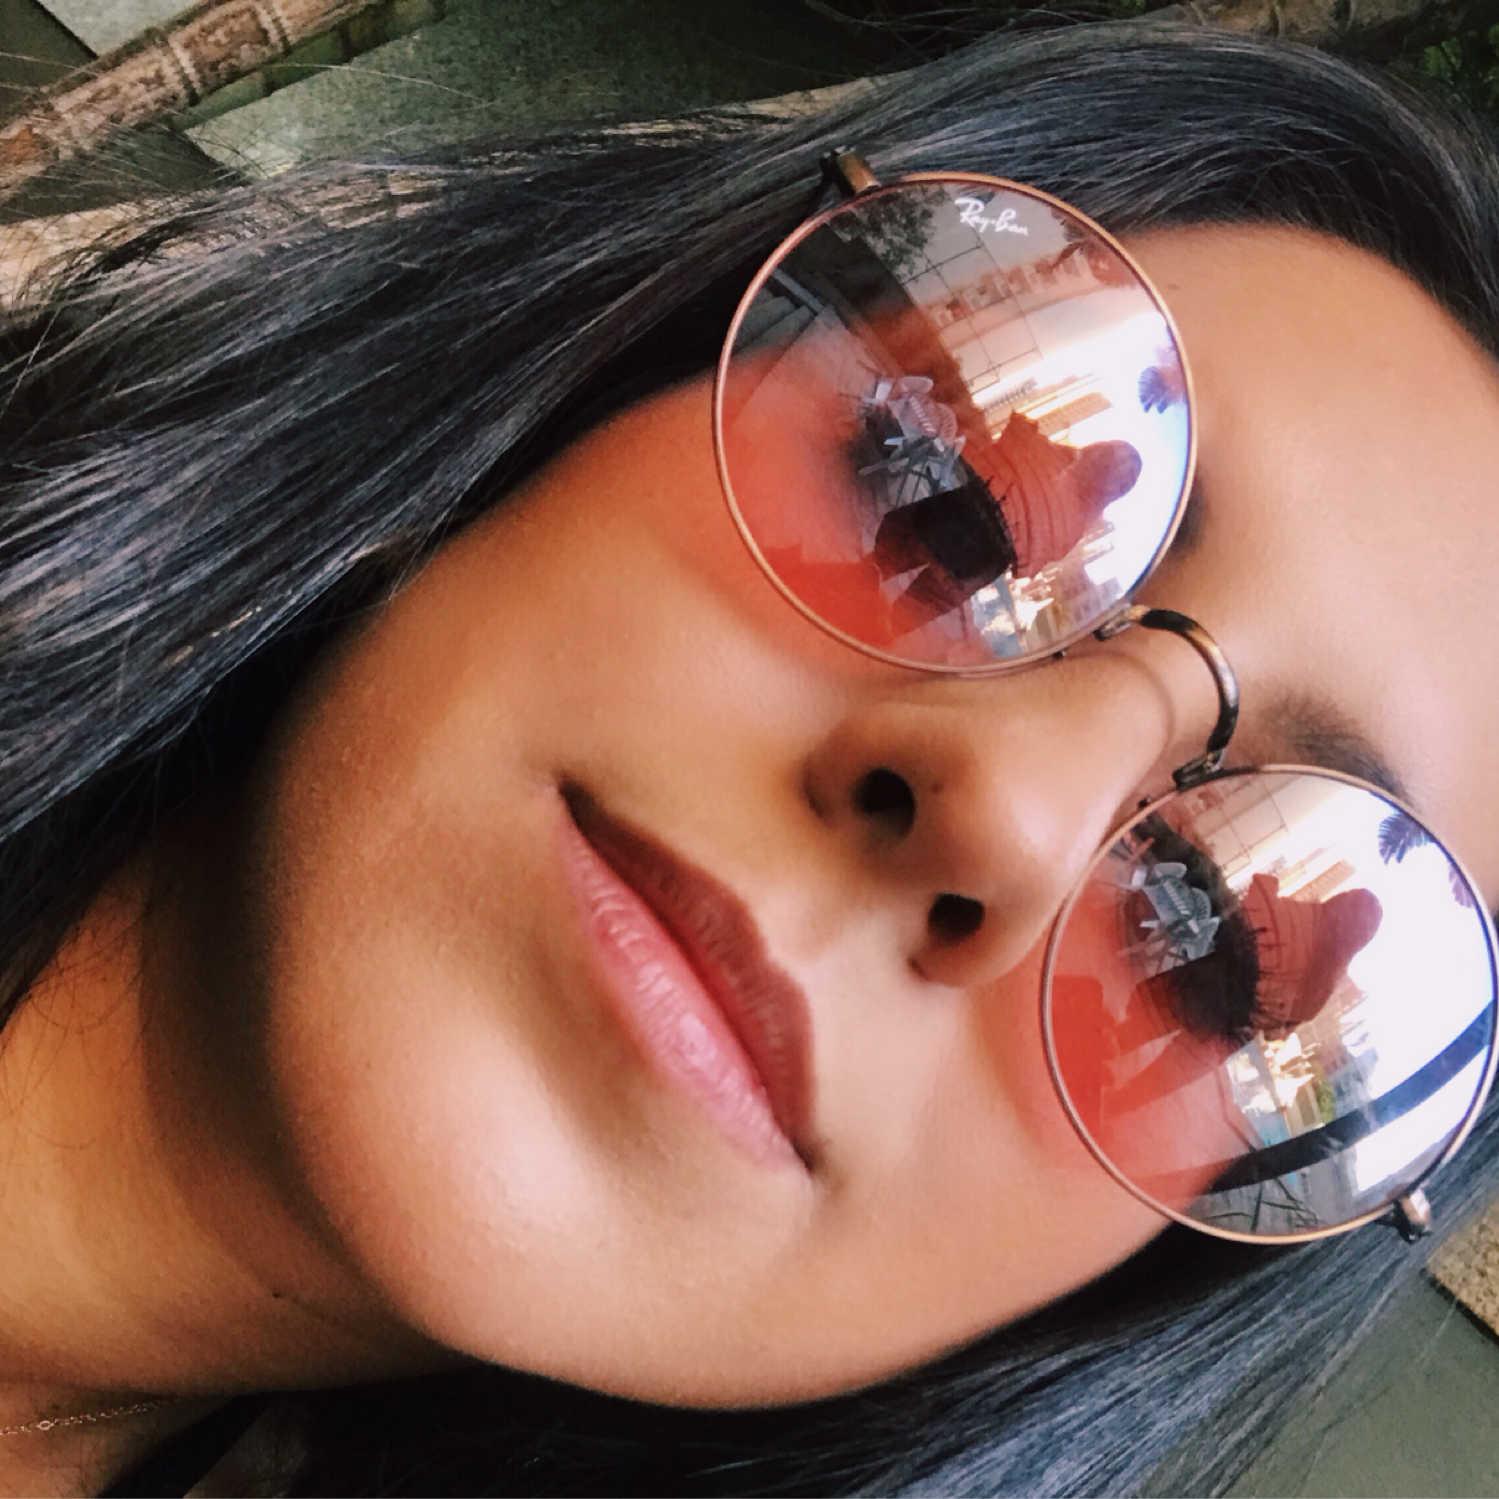 Giovanna Manini